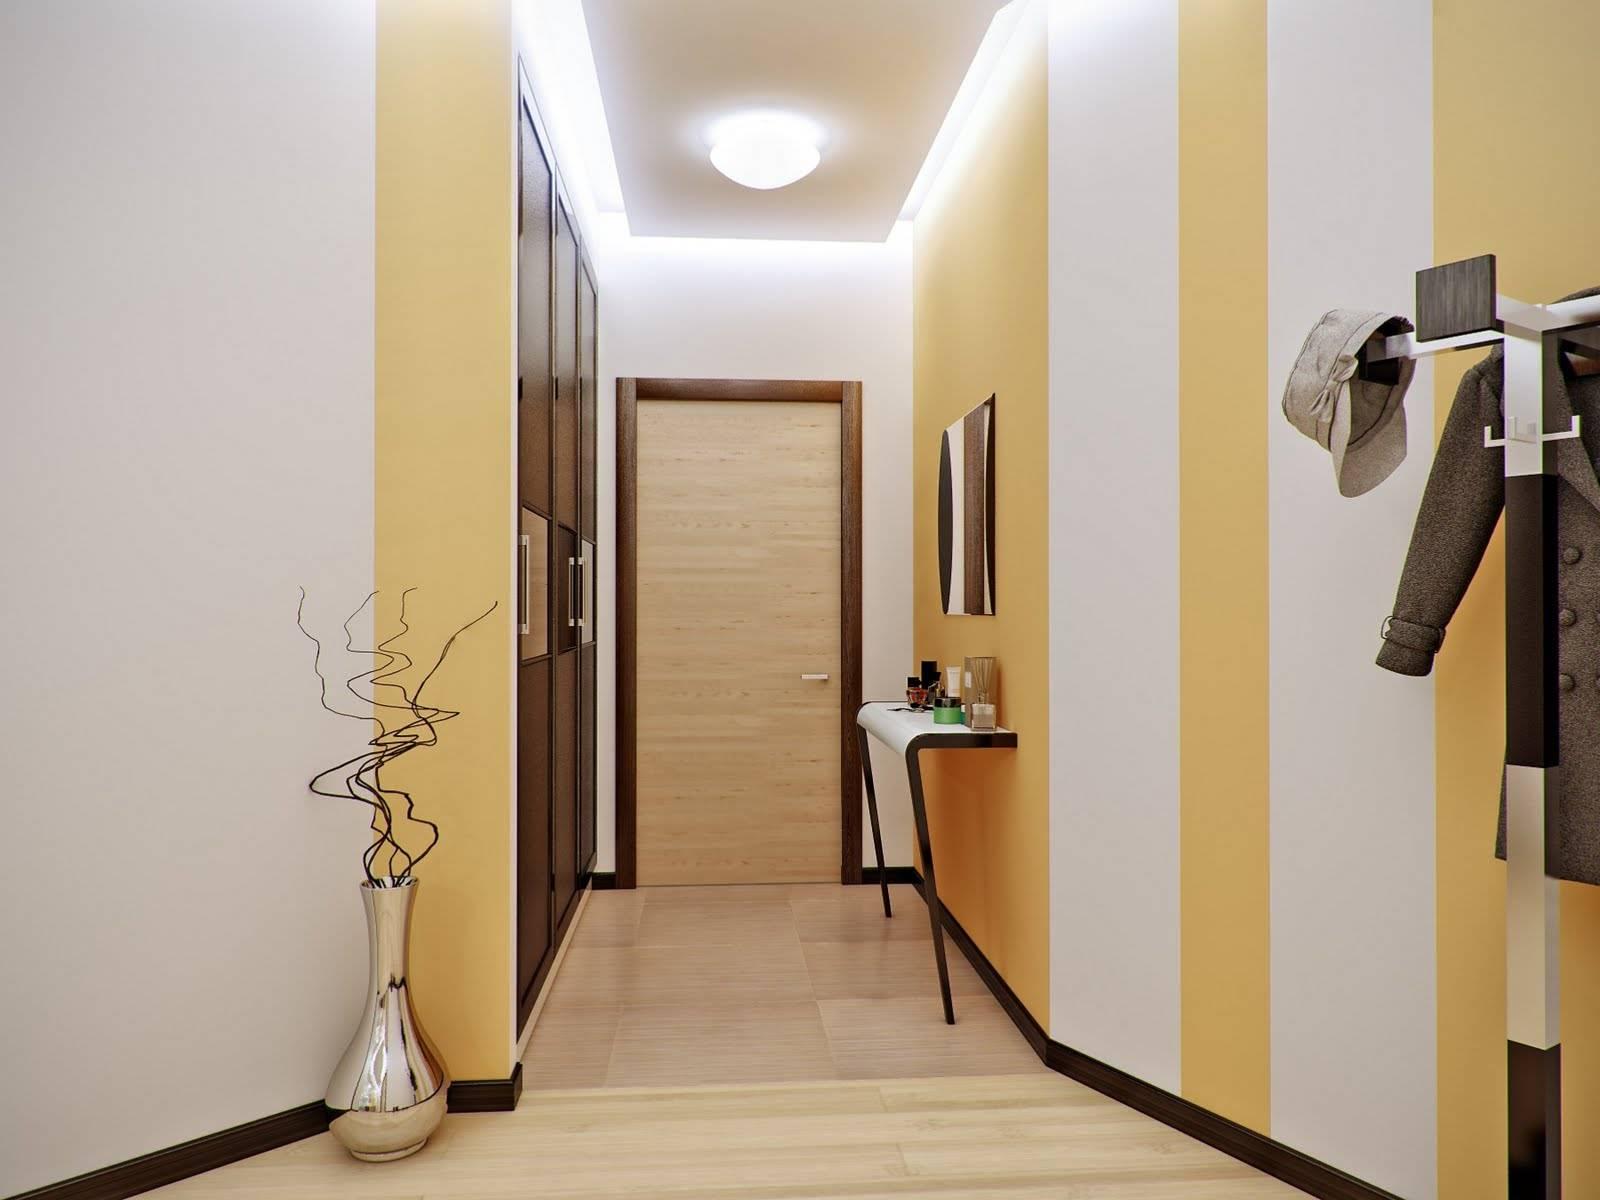 обои для оформление коридора в квартире фото проблема